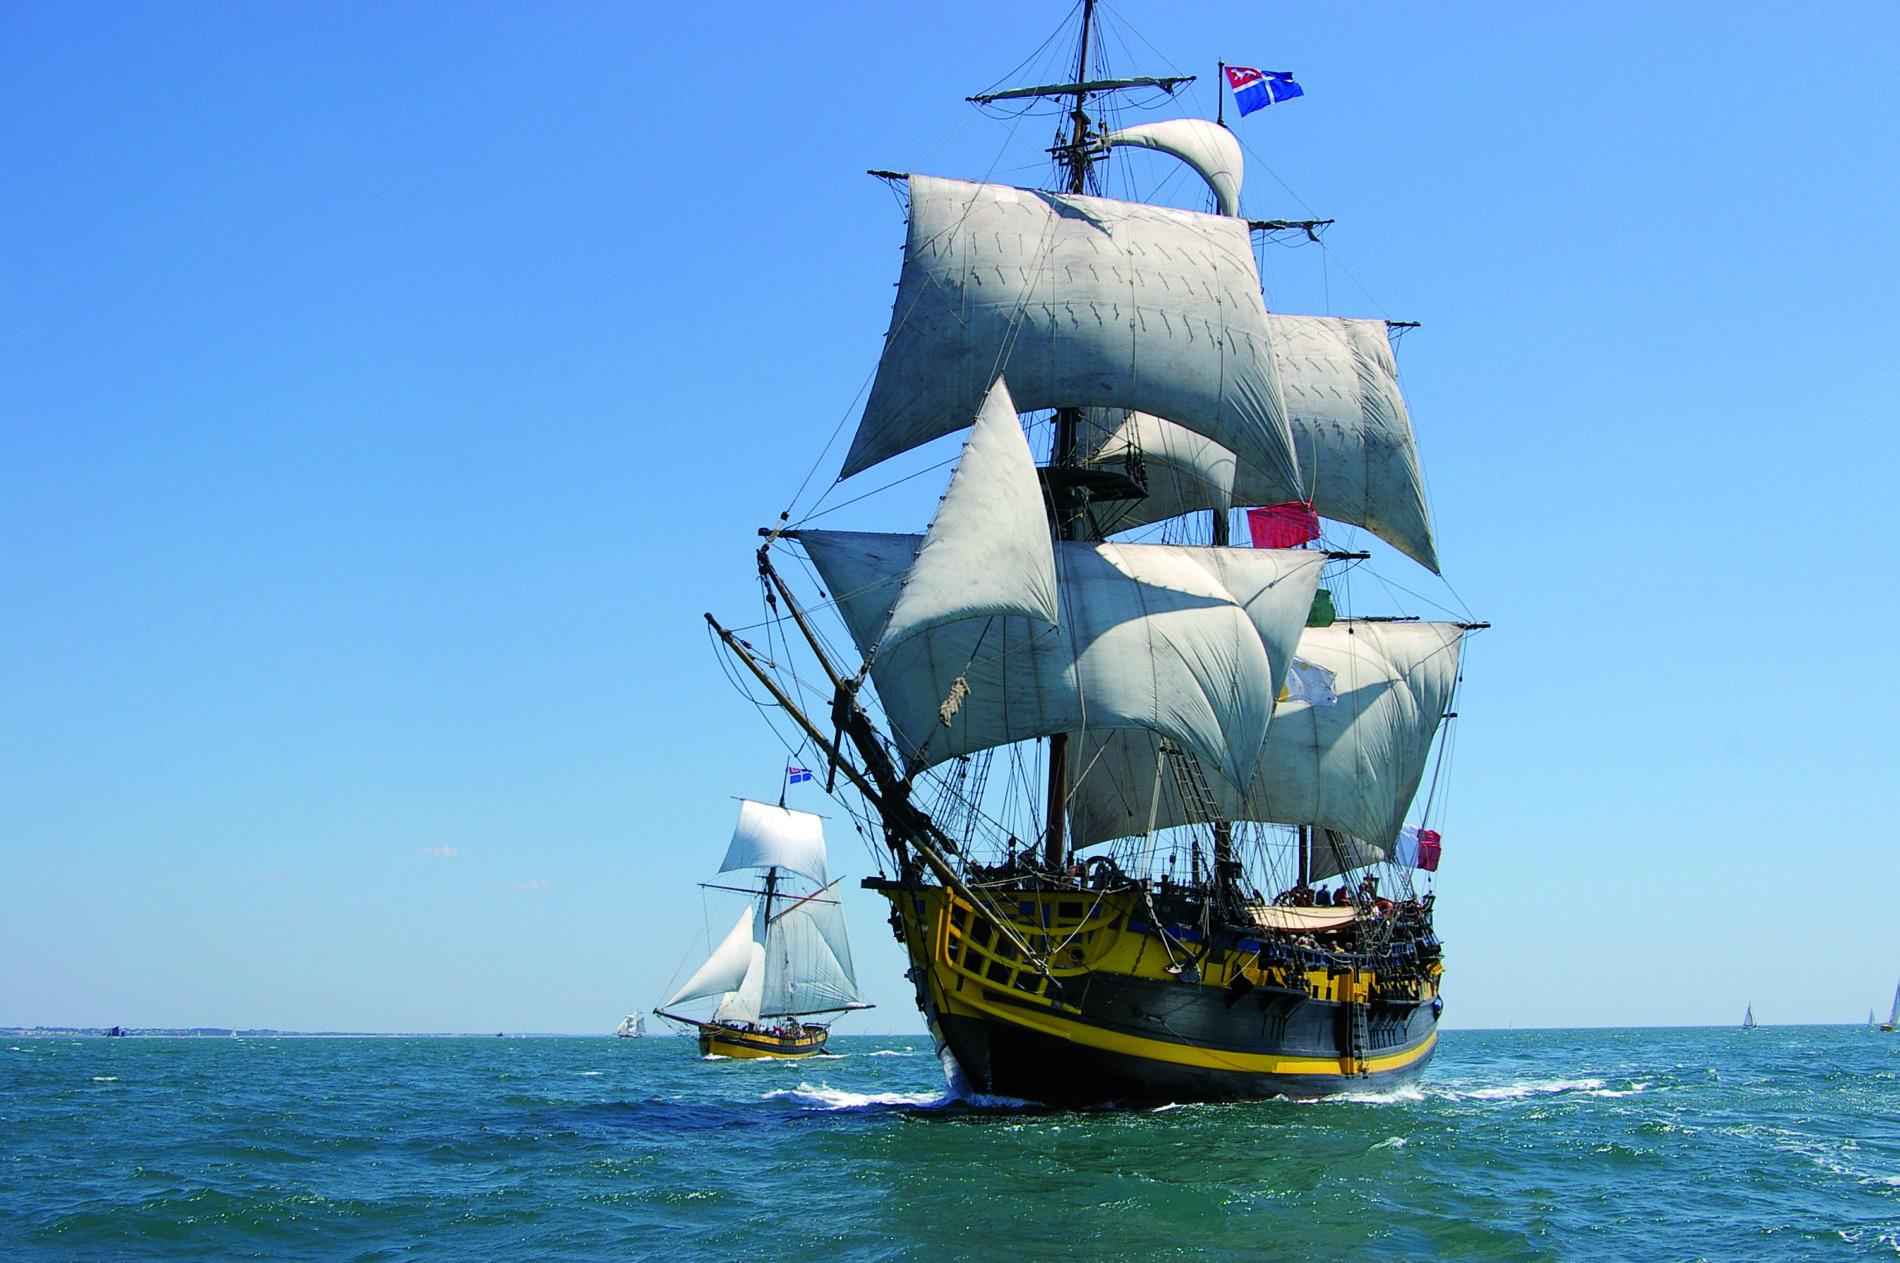 Etoile Du Roy met de gele bekende details vaart door het water vergezeld door dochterboot